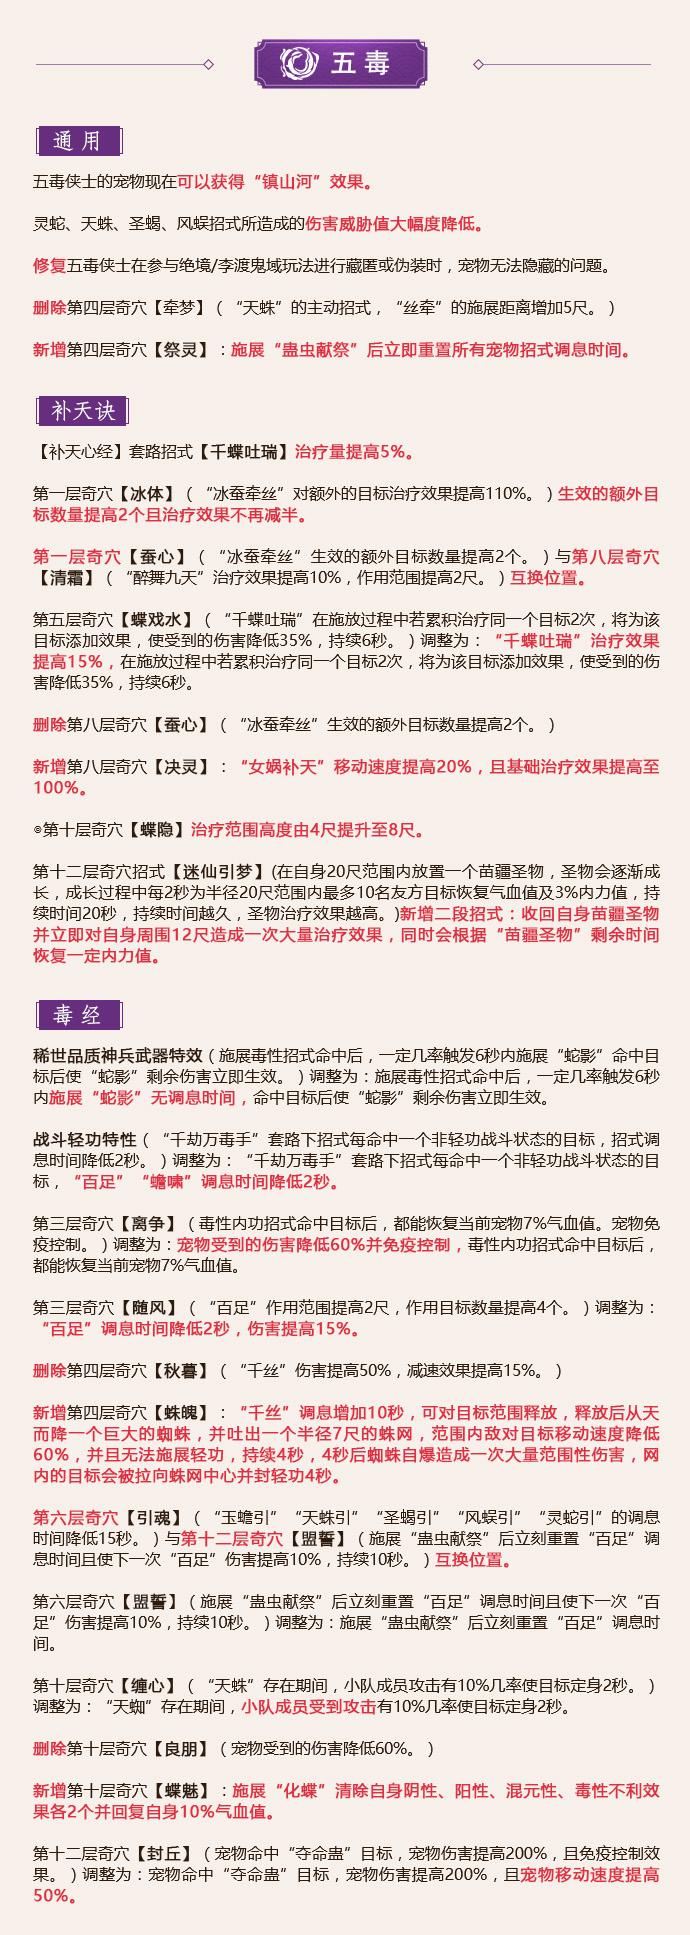 《剑网3》怒海争锋6月20日五毒技改